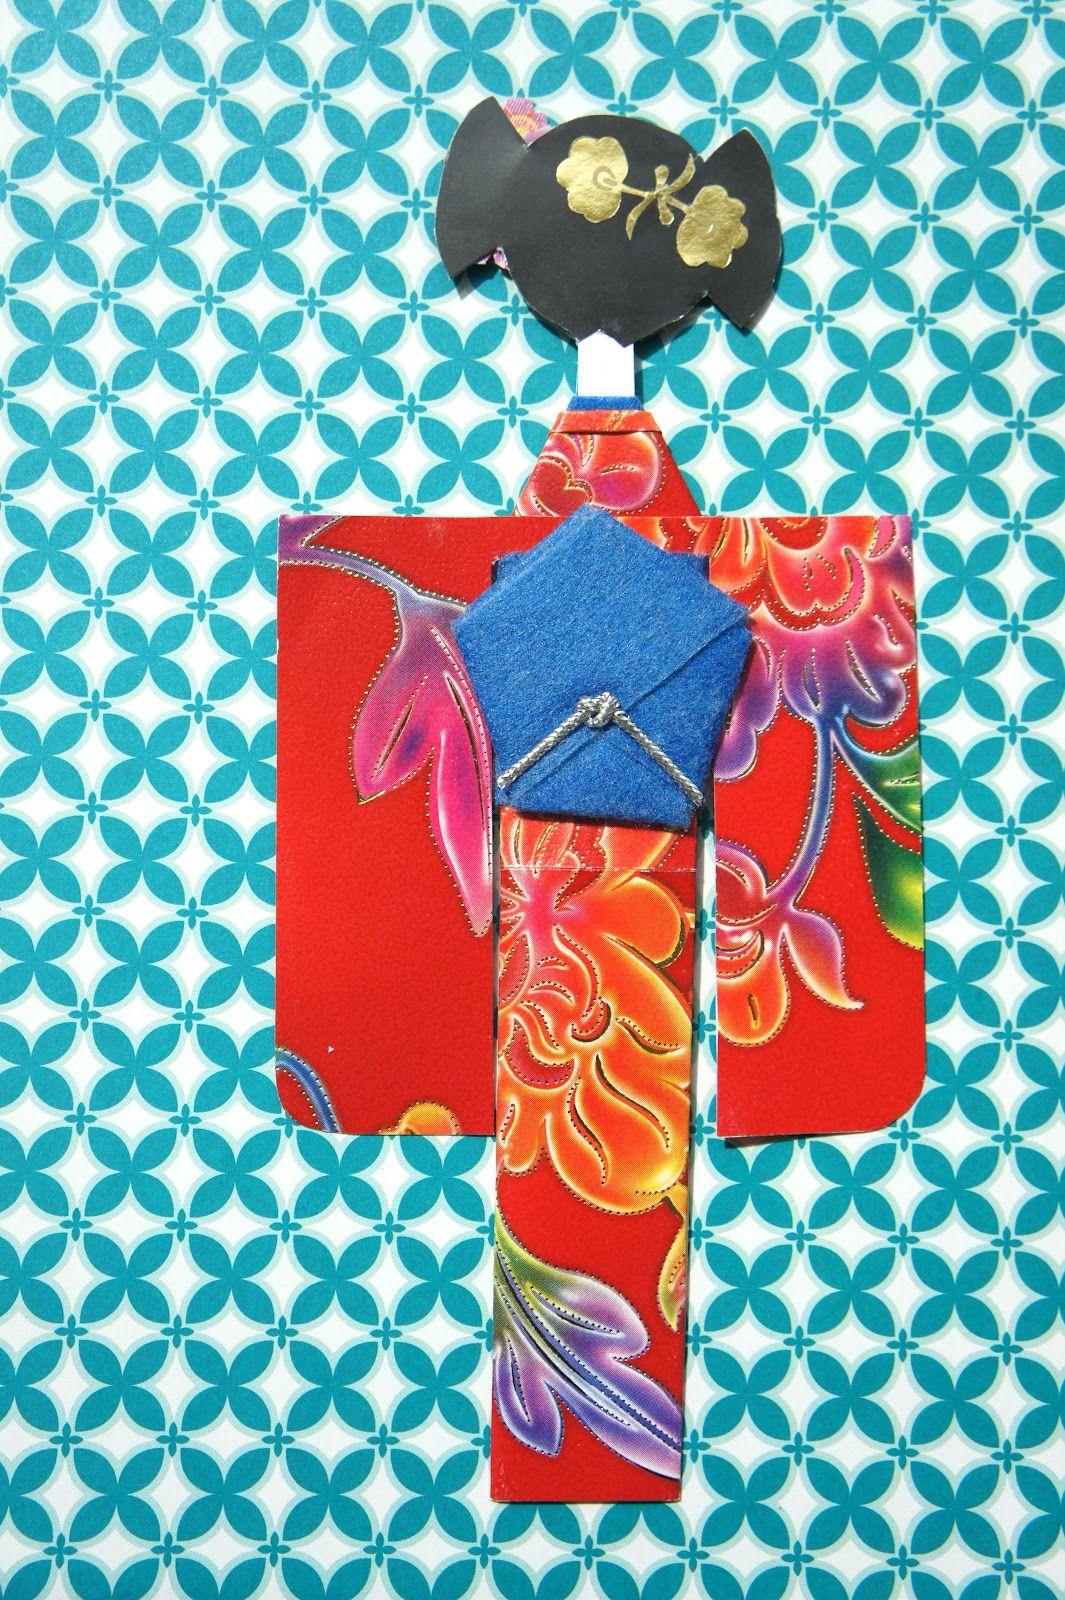 Святого валентина, японская открытка бумага